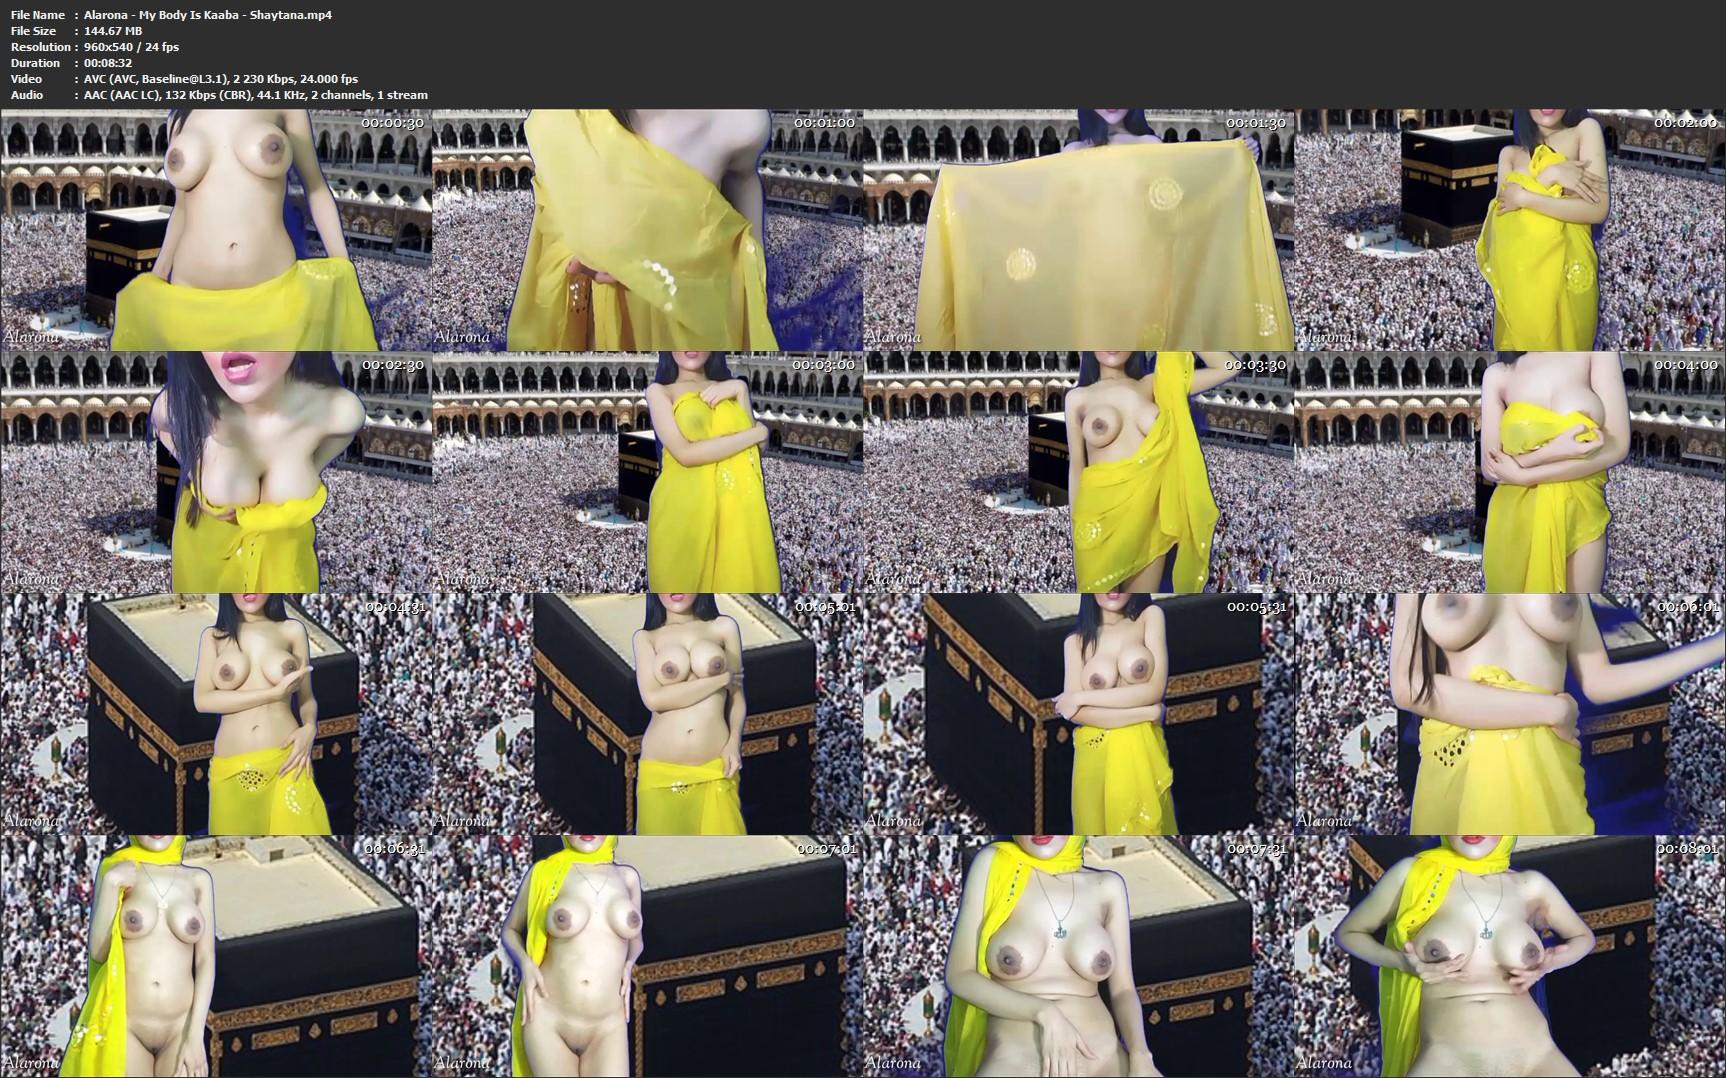 Alarona - My Body Is Kaaba - Shaytana - Masturbation Instruction